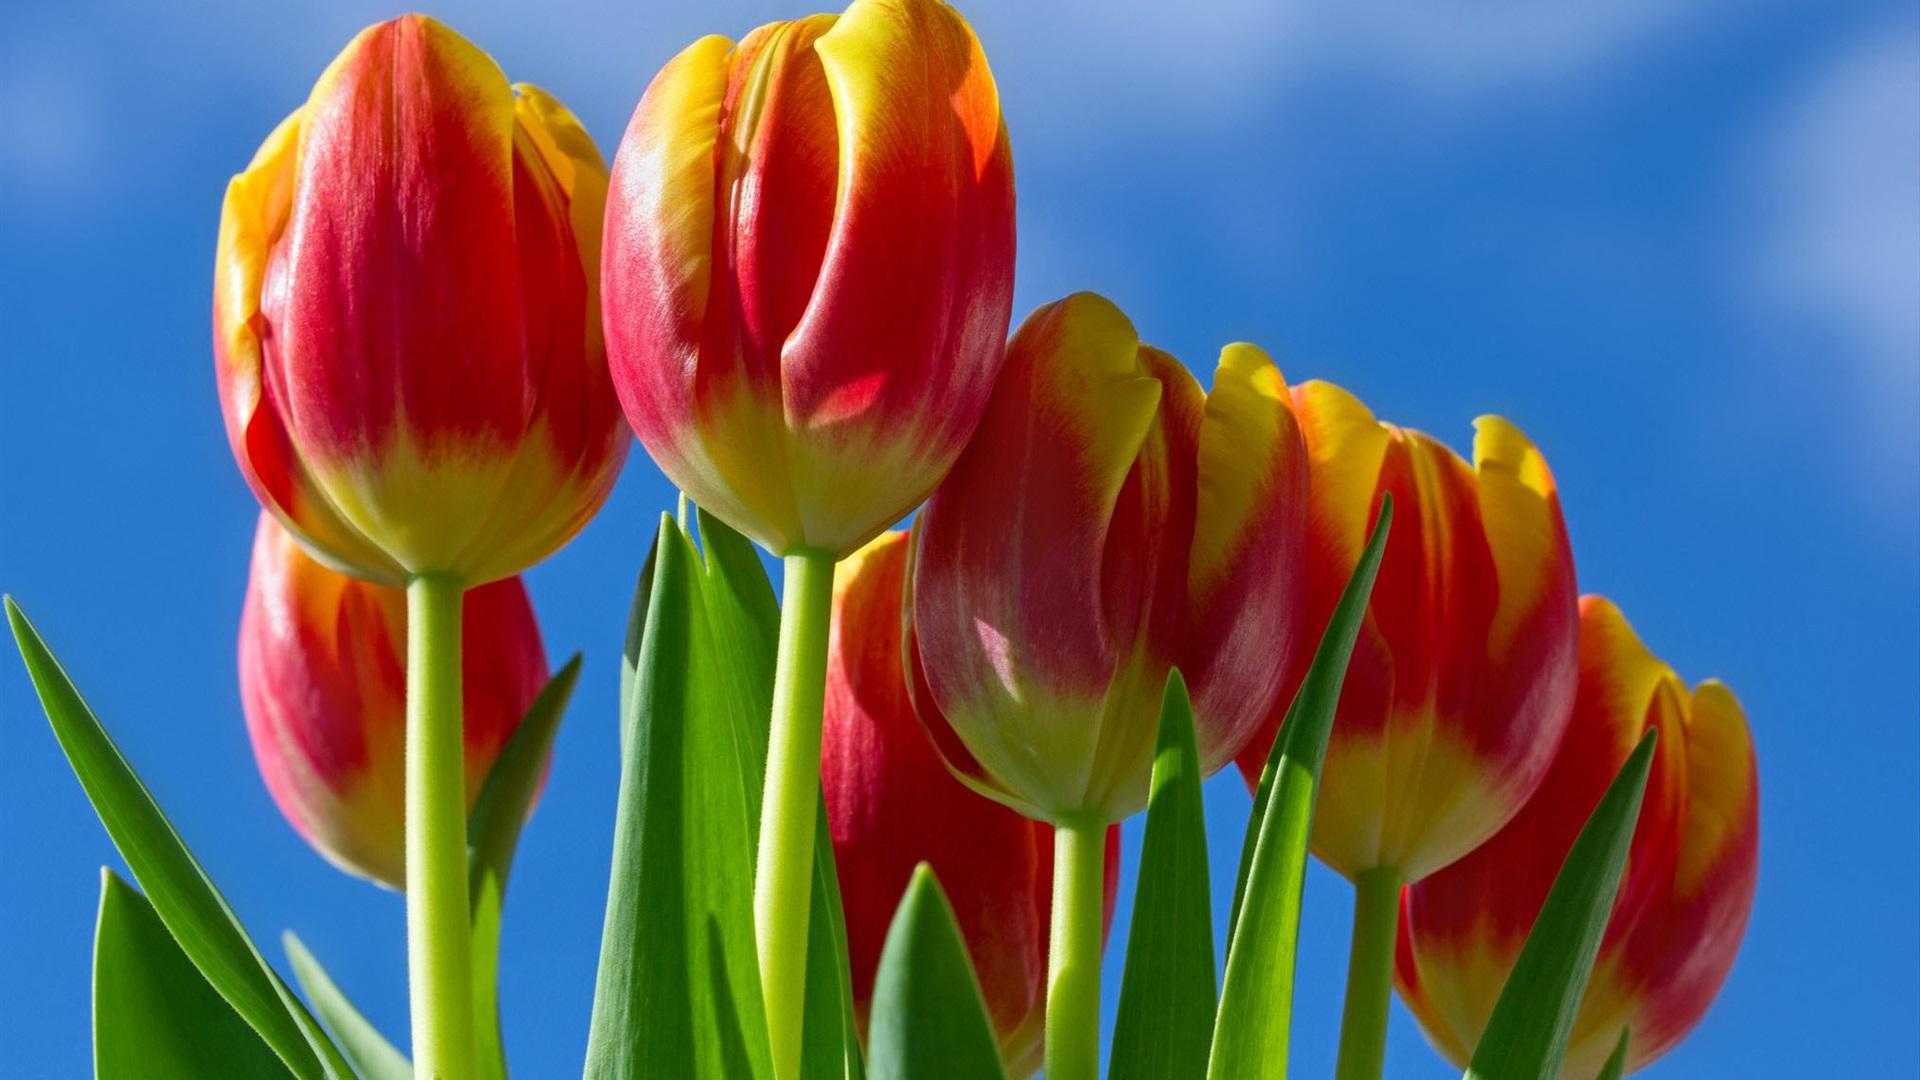 Fondos De Pantalla 1440x900 Tulipas Pascua Fondo De Color: Fondos De Pantalla Flores De Tulipanes Pétalos De Color